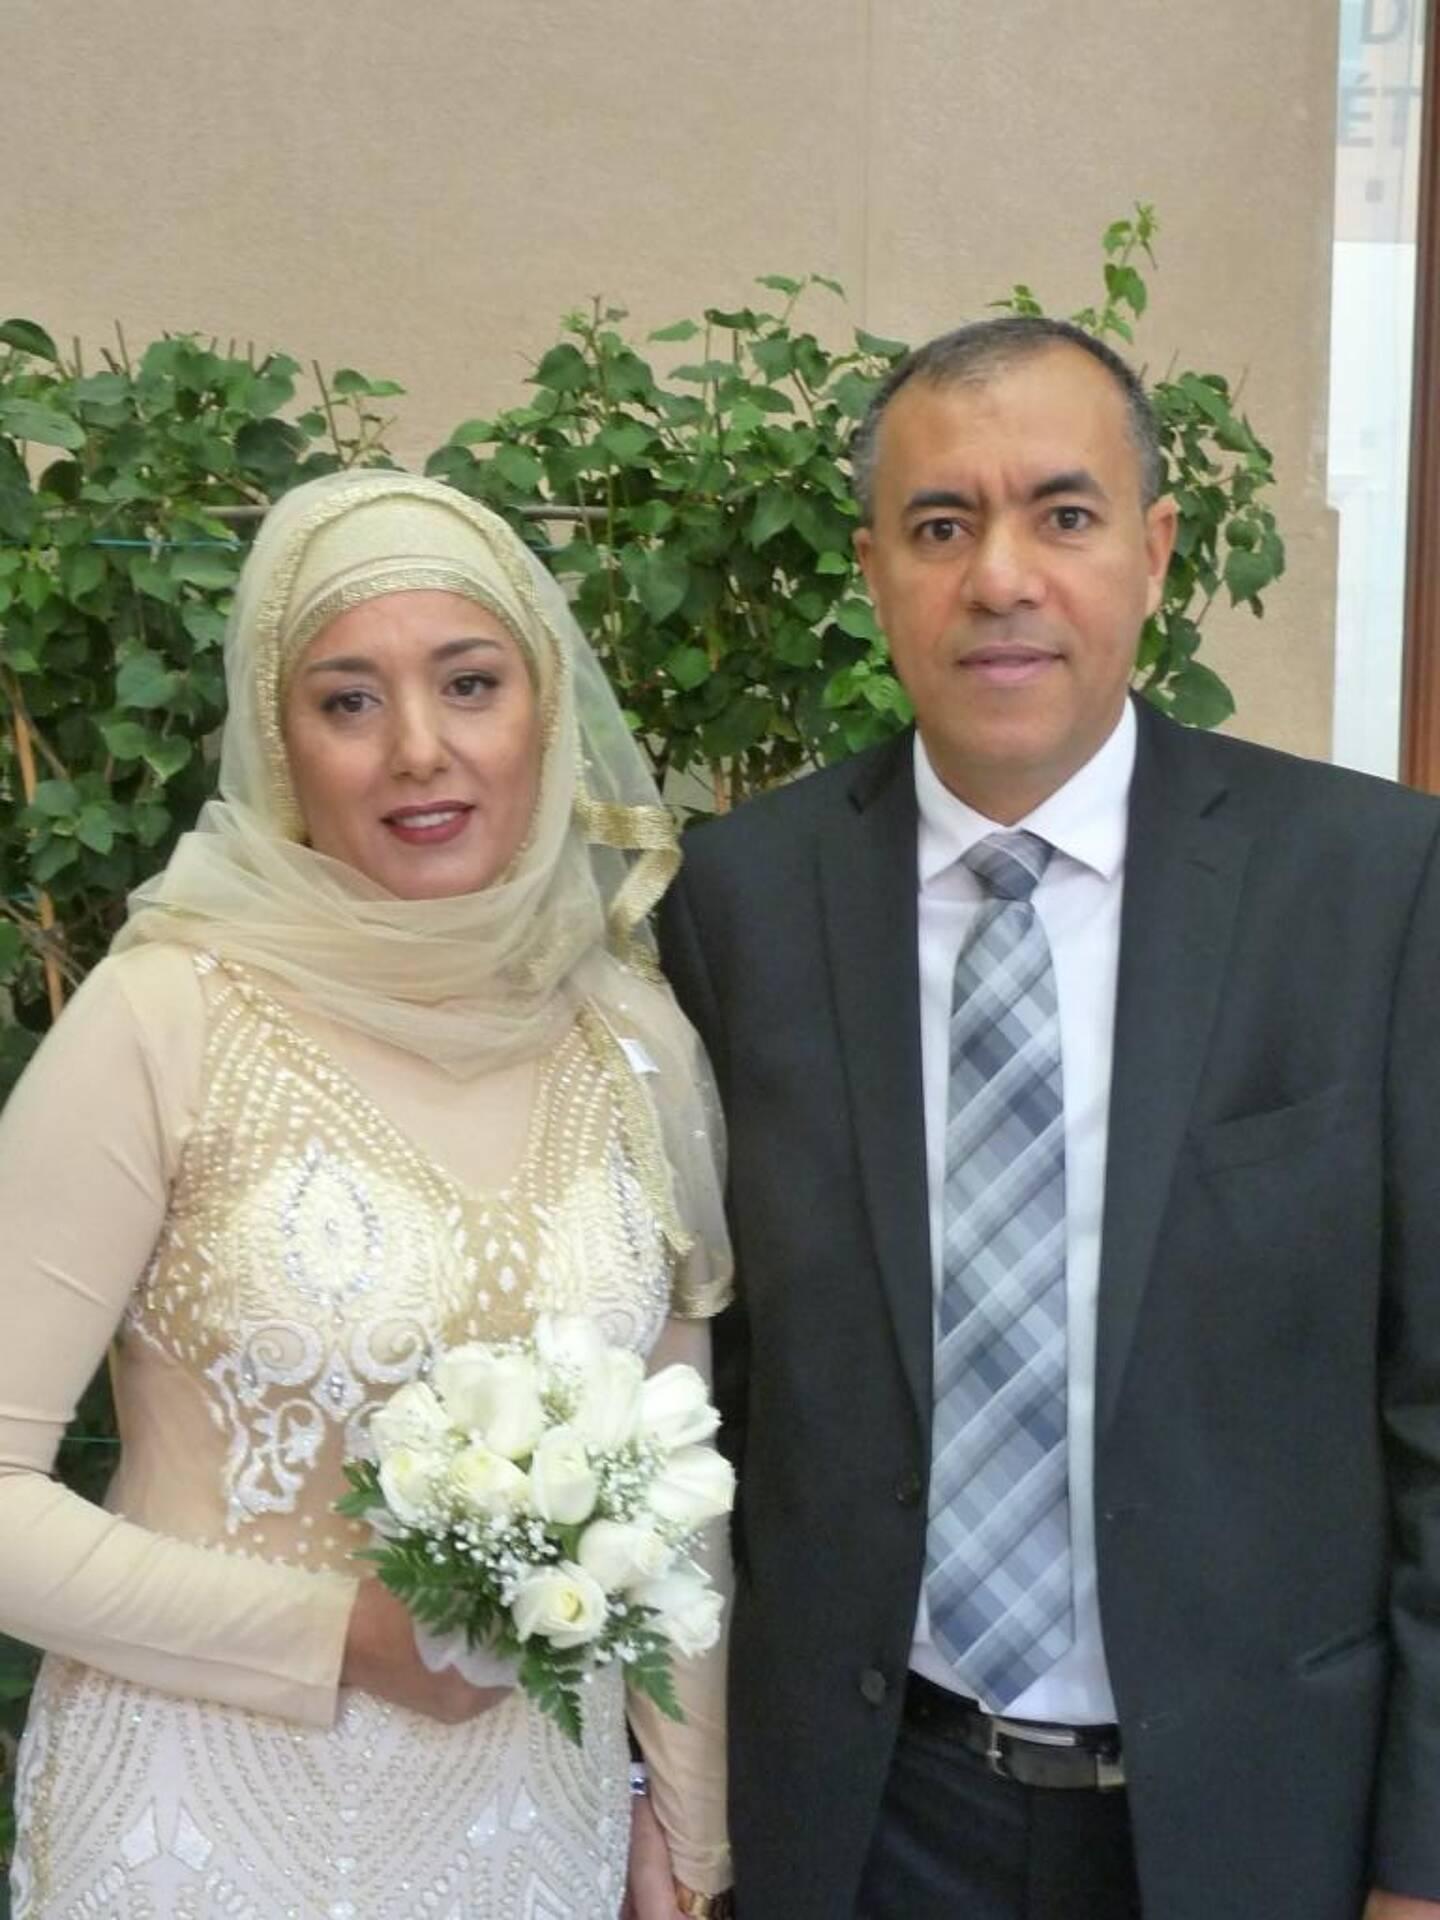 Mabrouka Kahlaoui et Fayçal Riahi, électricien